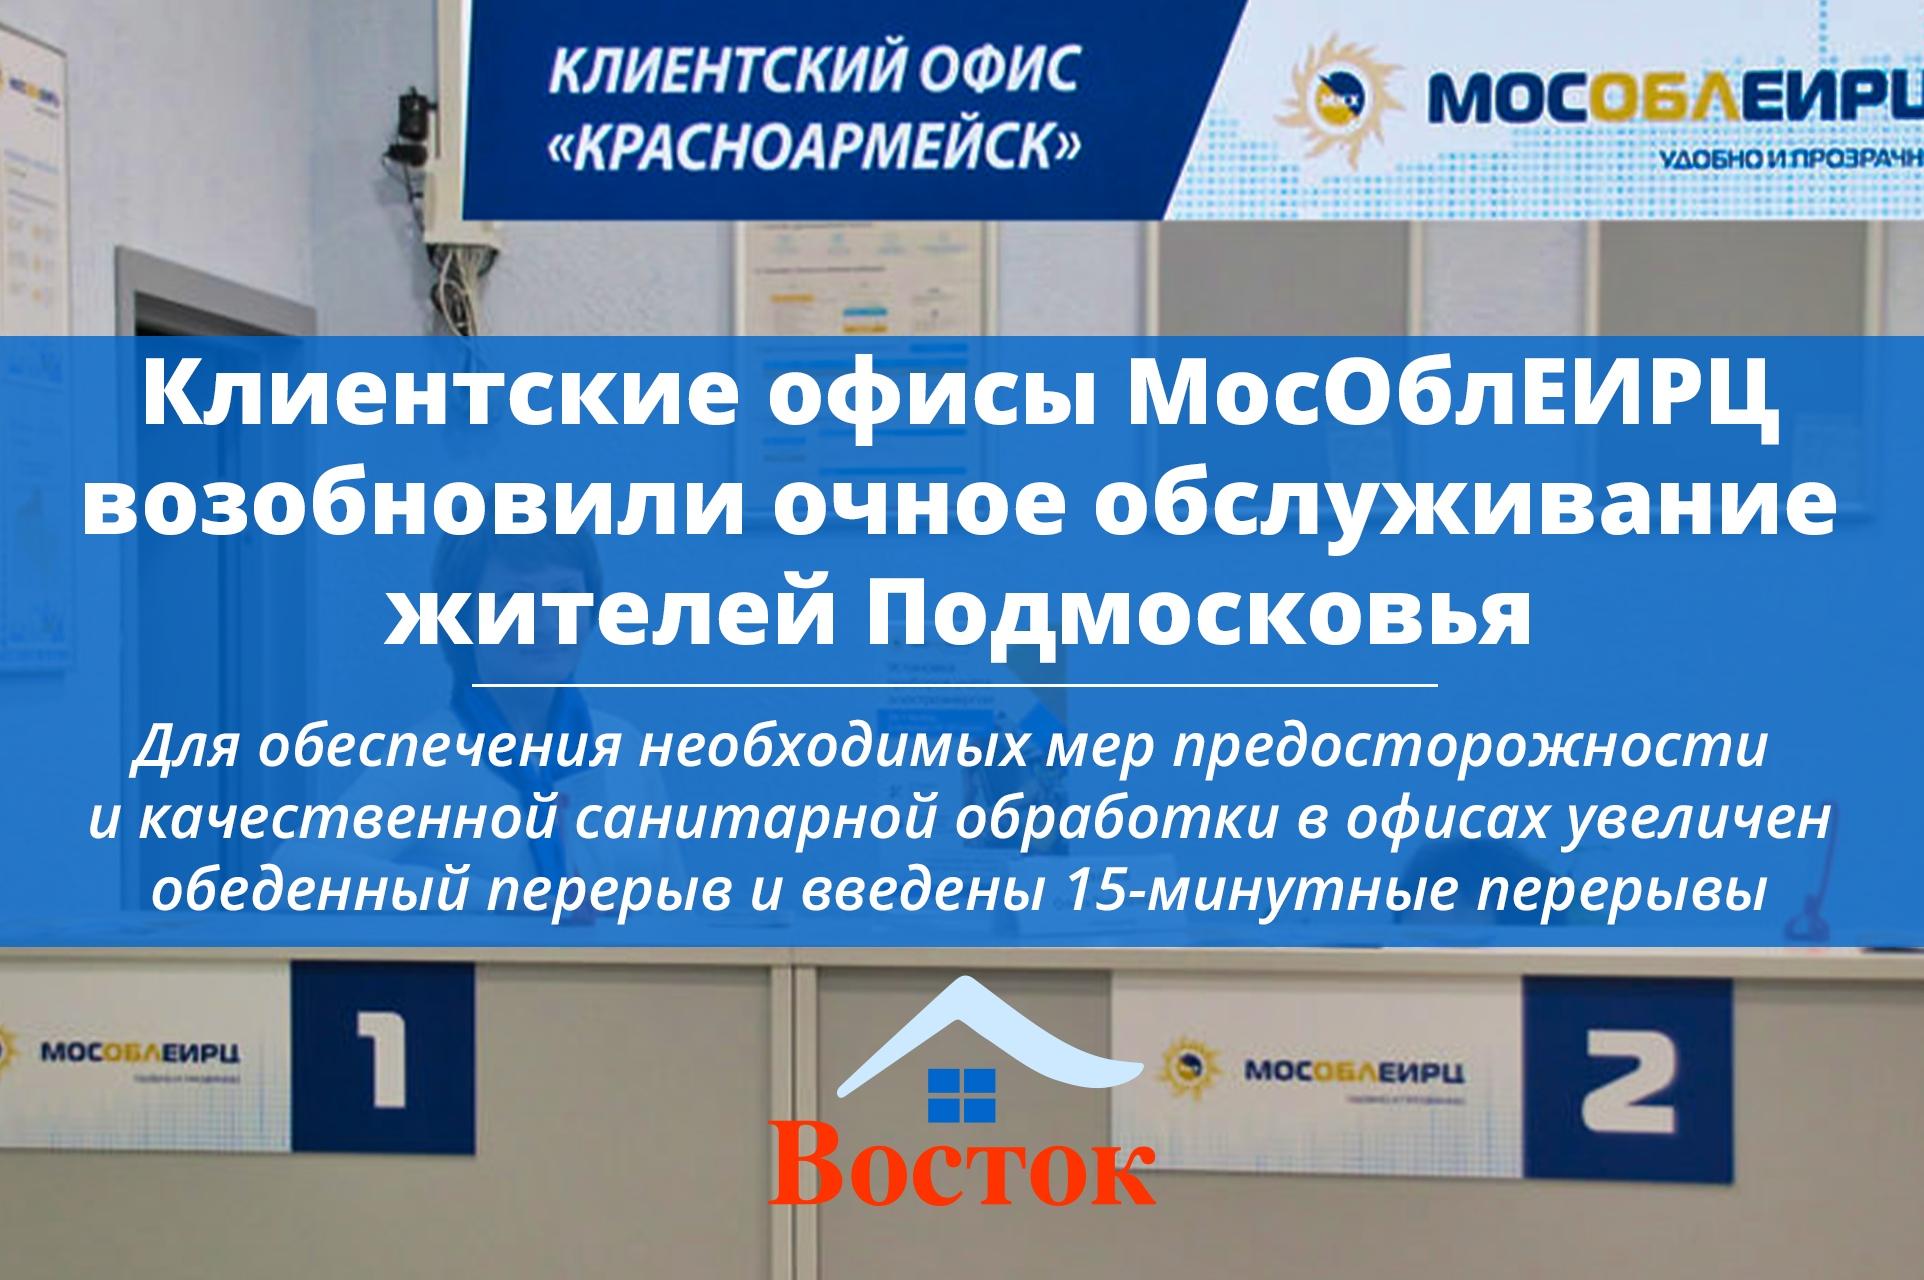 Клиентские офисы МосОблЕИРЦ возобновили очное обслуживание жителей Подмосковья